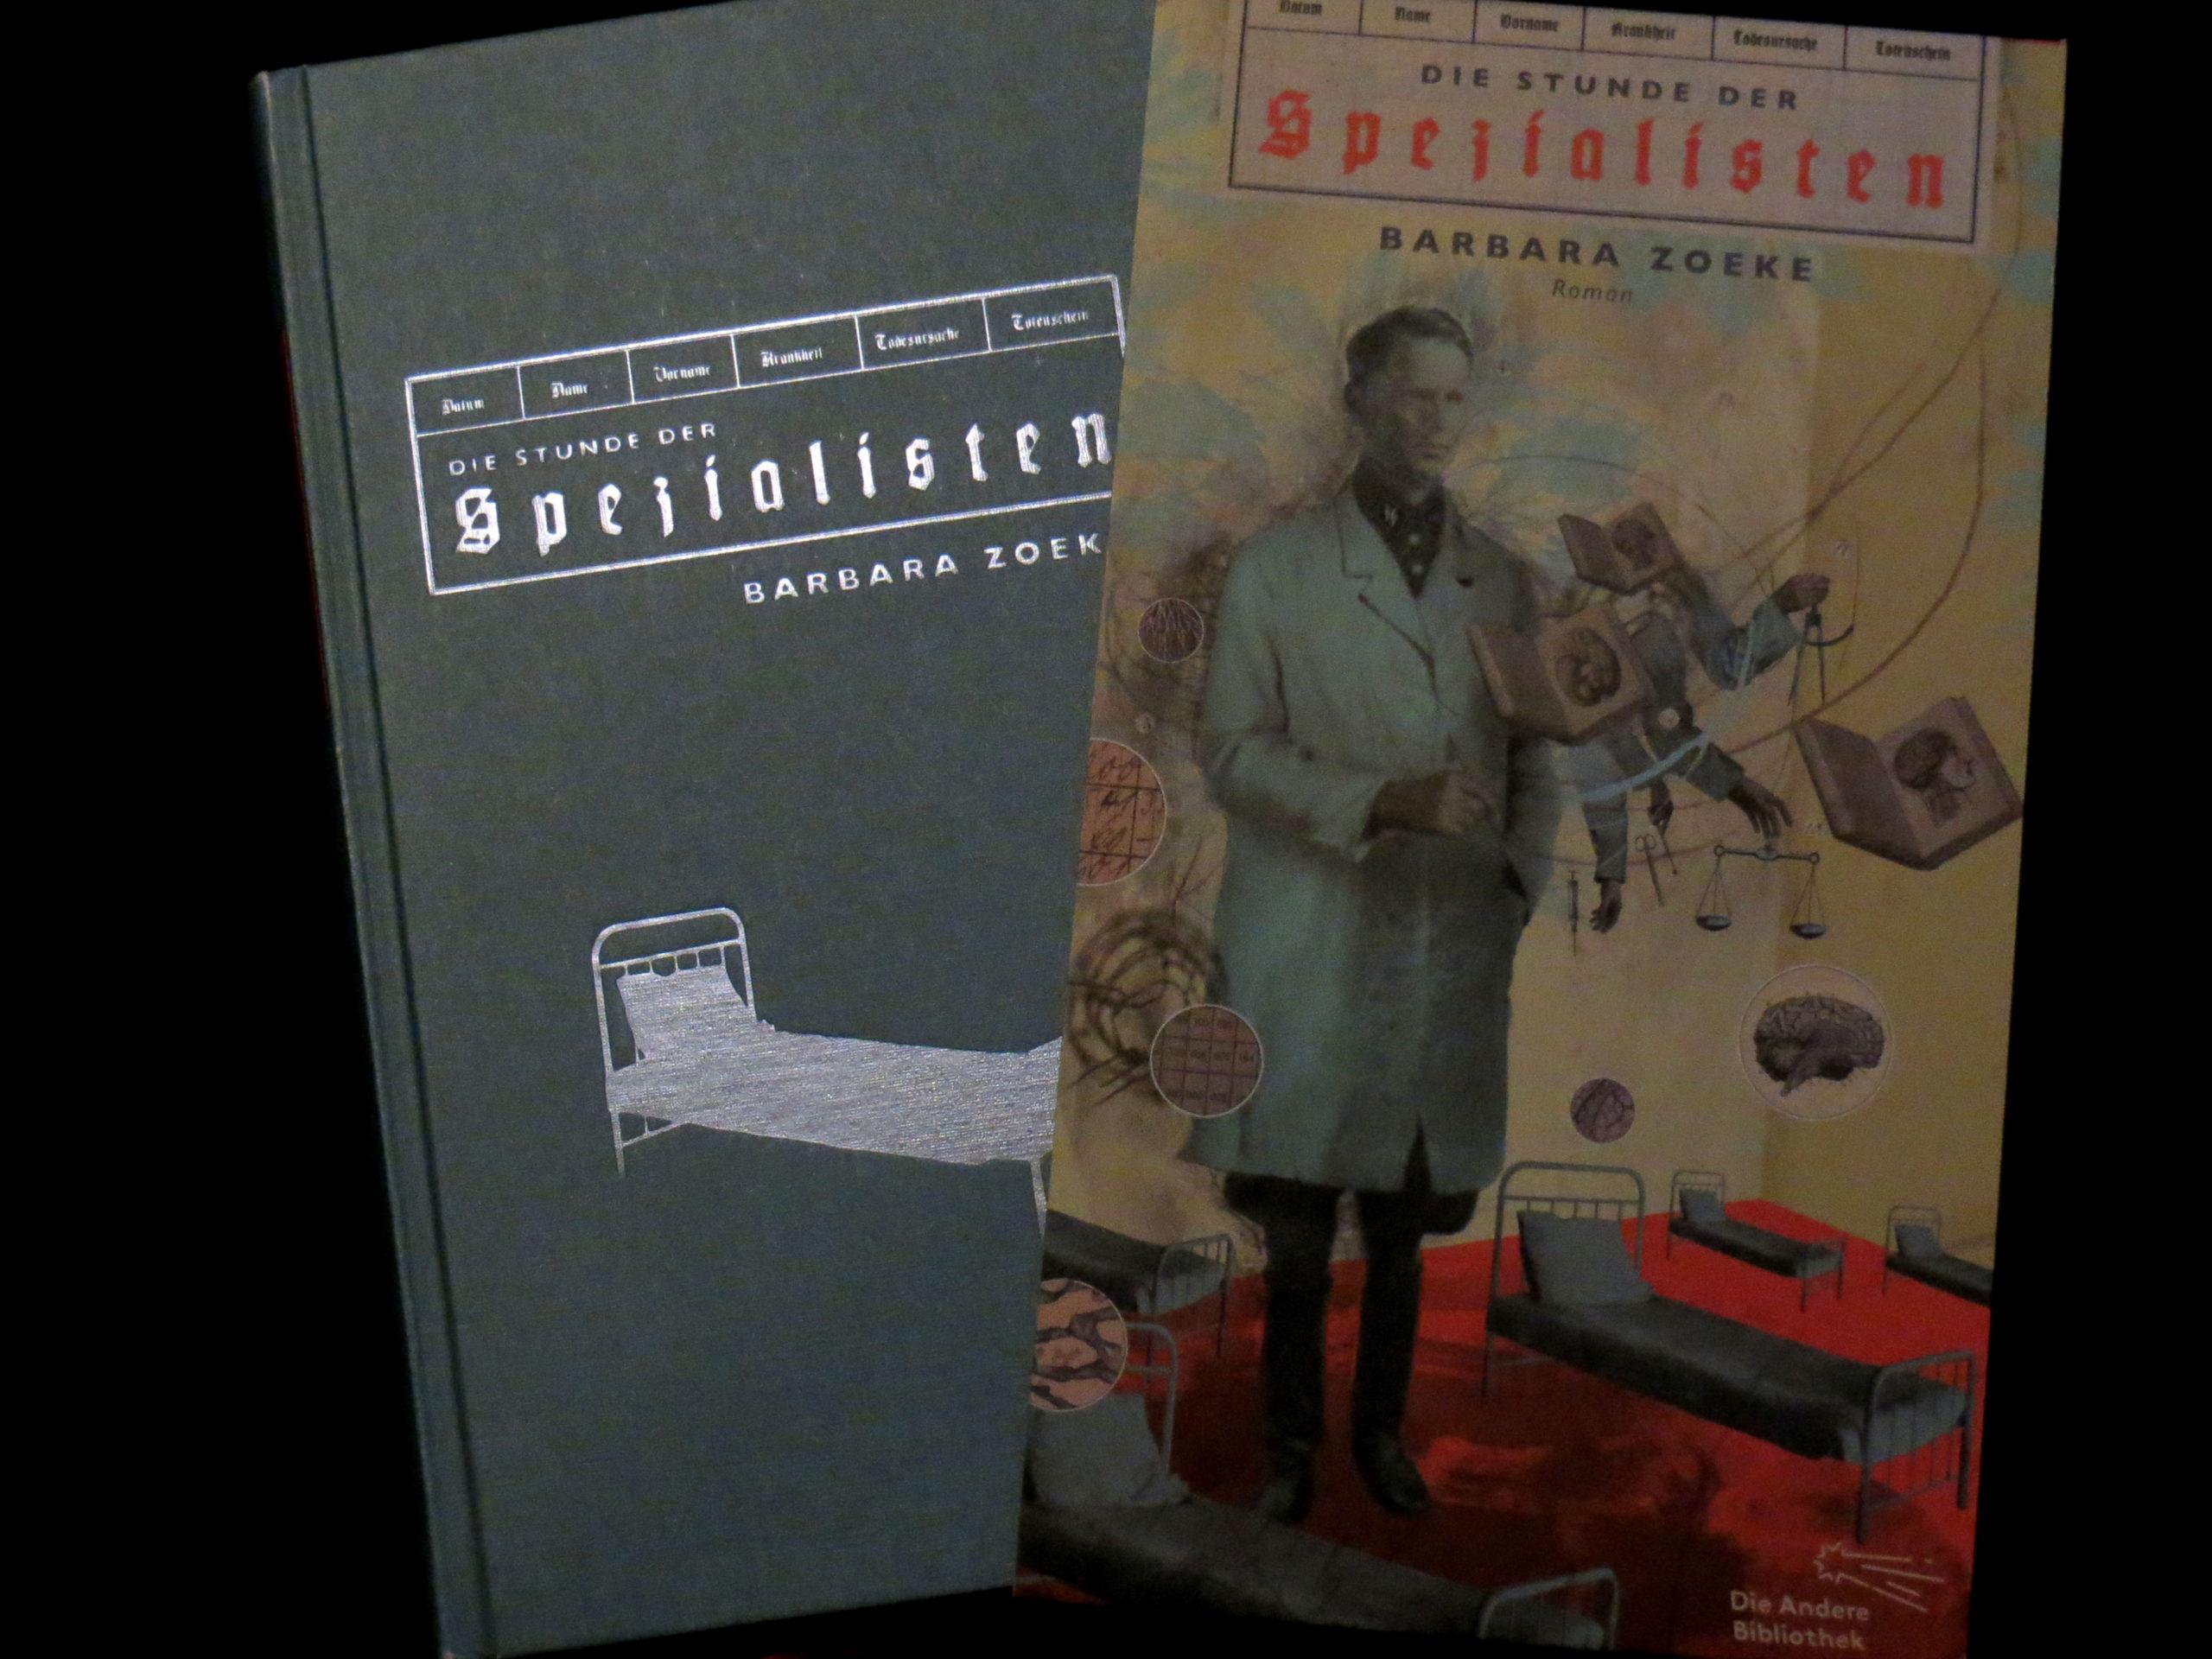 """Buchdeckel sowie kunstvolles Cover der """"Stunde der Spezialisten"""" von Barbara Zoeke. Zu sehen ist ein surreal angehauchtes Bild, mit einem NS-Arzt im Zentrum, darum herum verschiedene Gegenstände, wie Krankenhausbetten, Lehrbücher und eine Waage."""